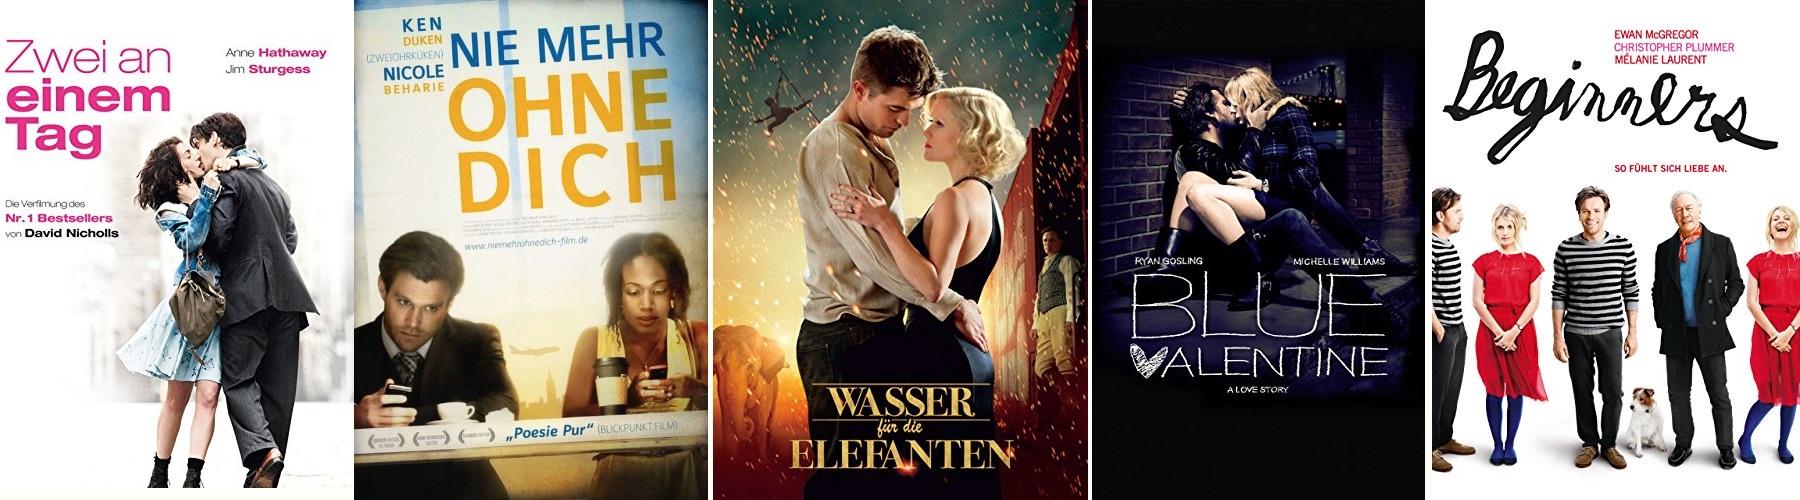 Top 10 der besten Liebesfilme 2011